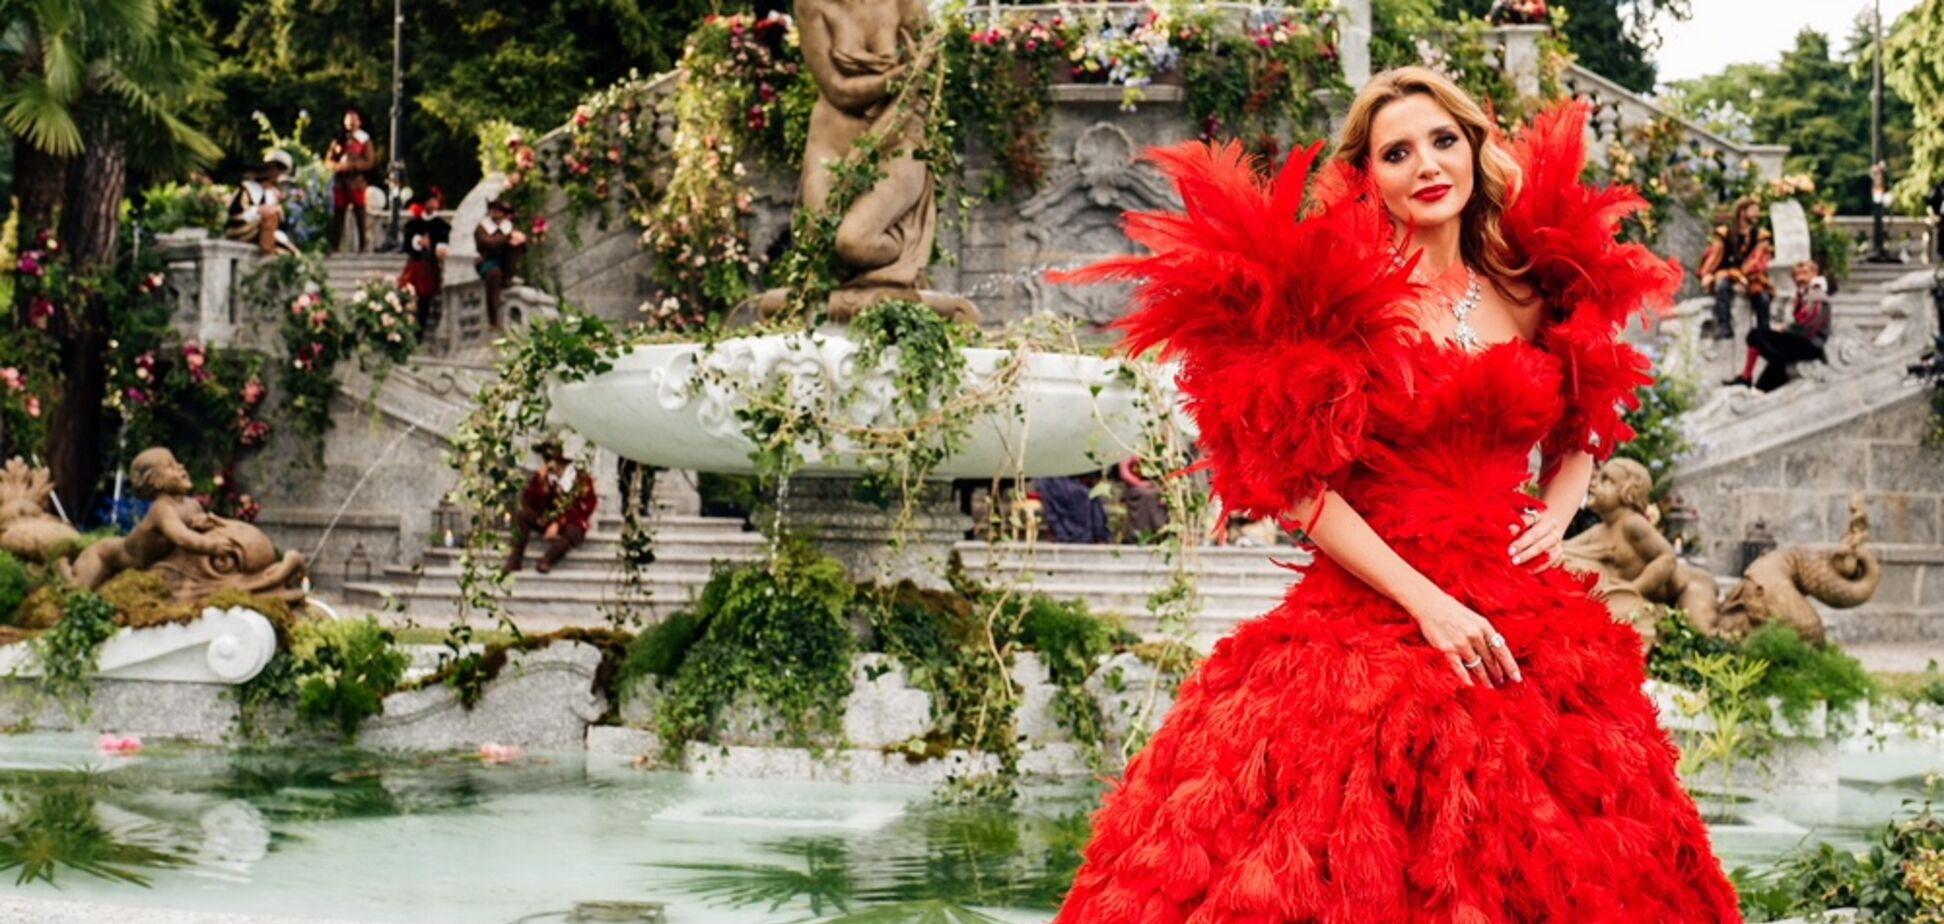 Le Figaro: Шедевр искусства, в котором Оксана Марченко появилась на Dolce & Gabbana Alta Moda 2018, получил 'Большое яблоко' в Нью-Йорке